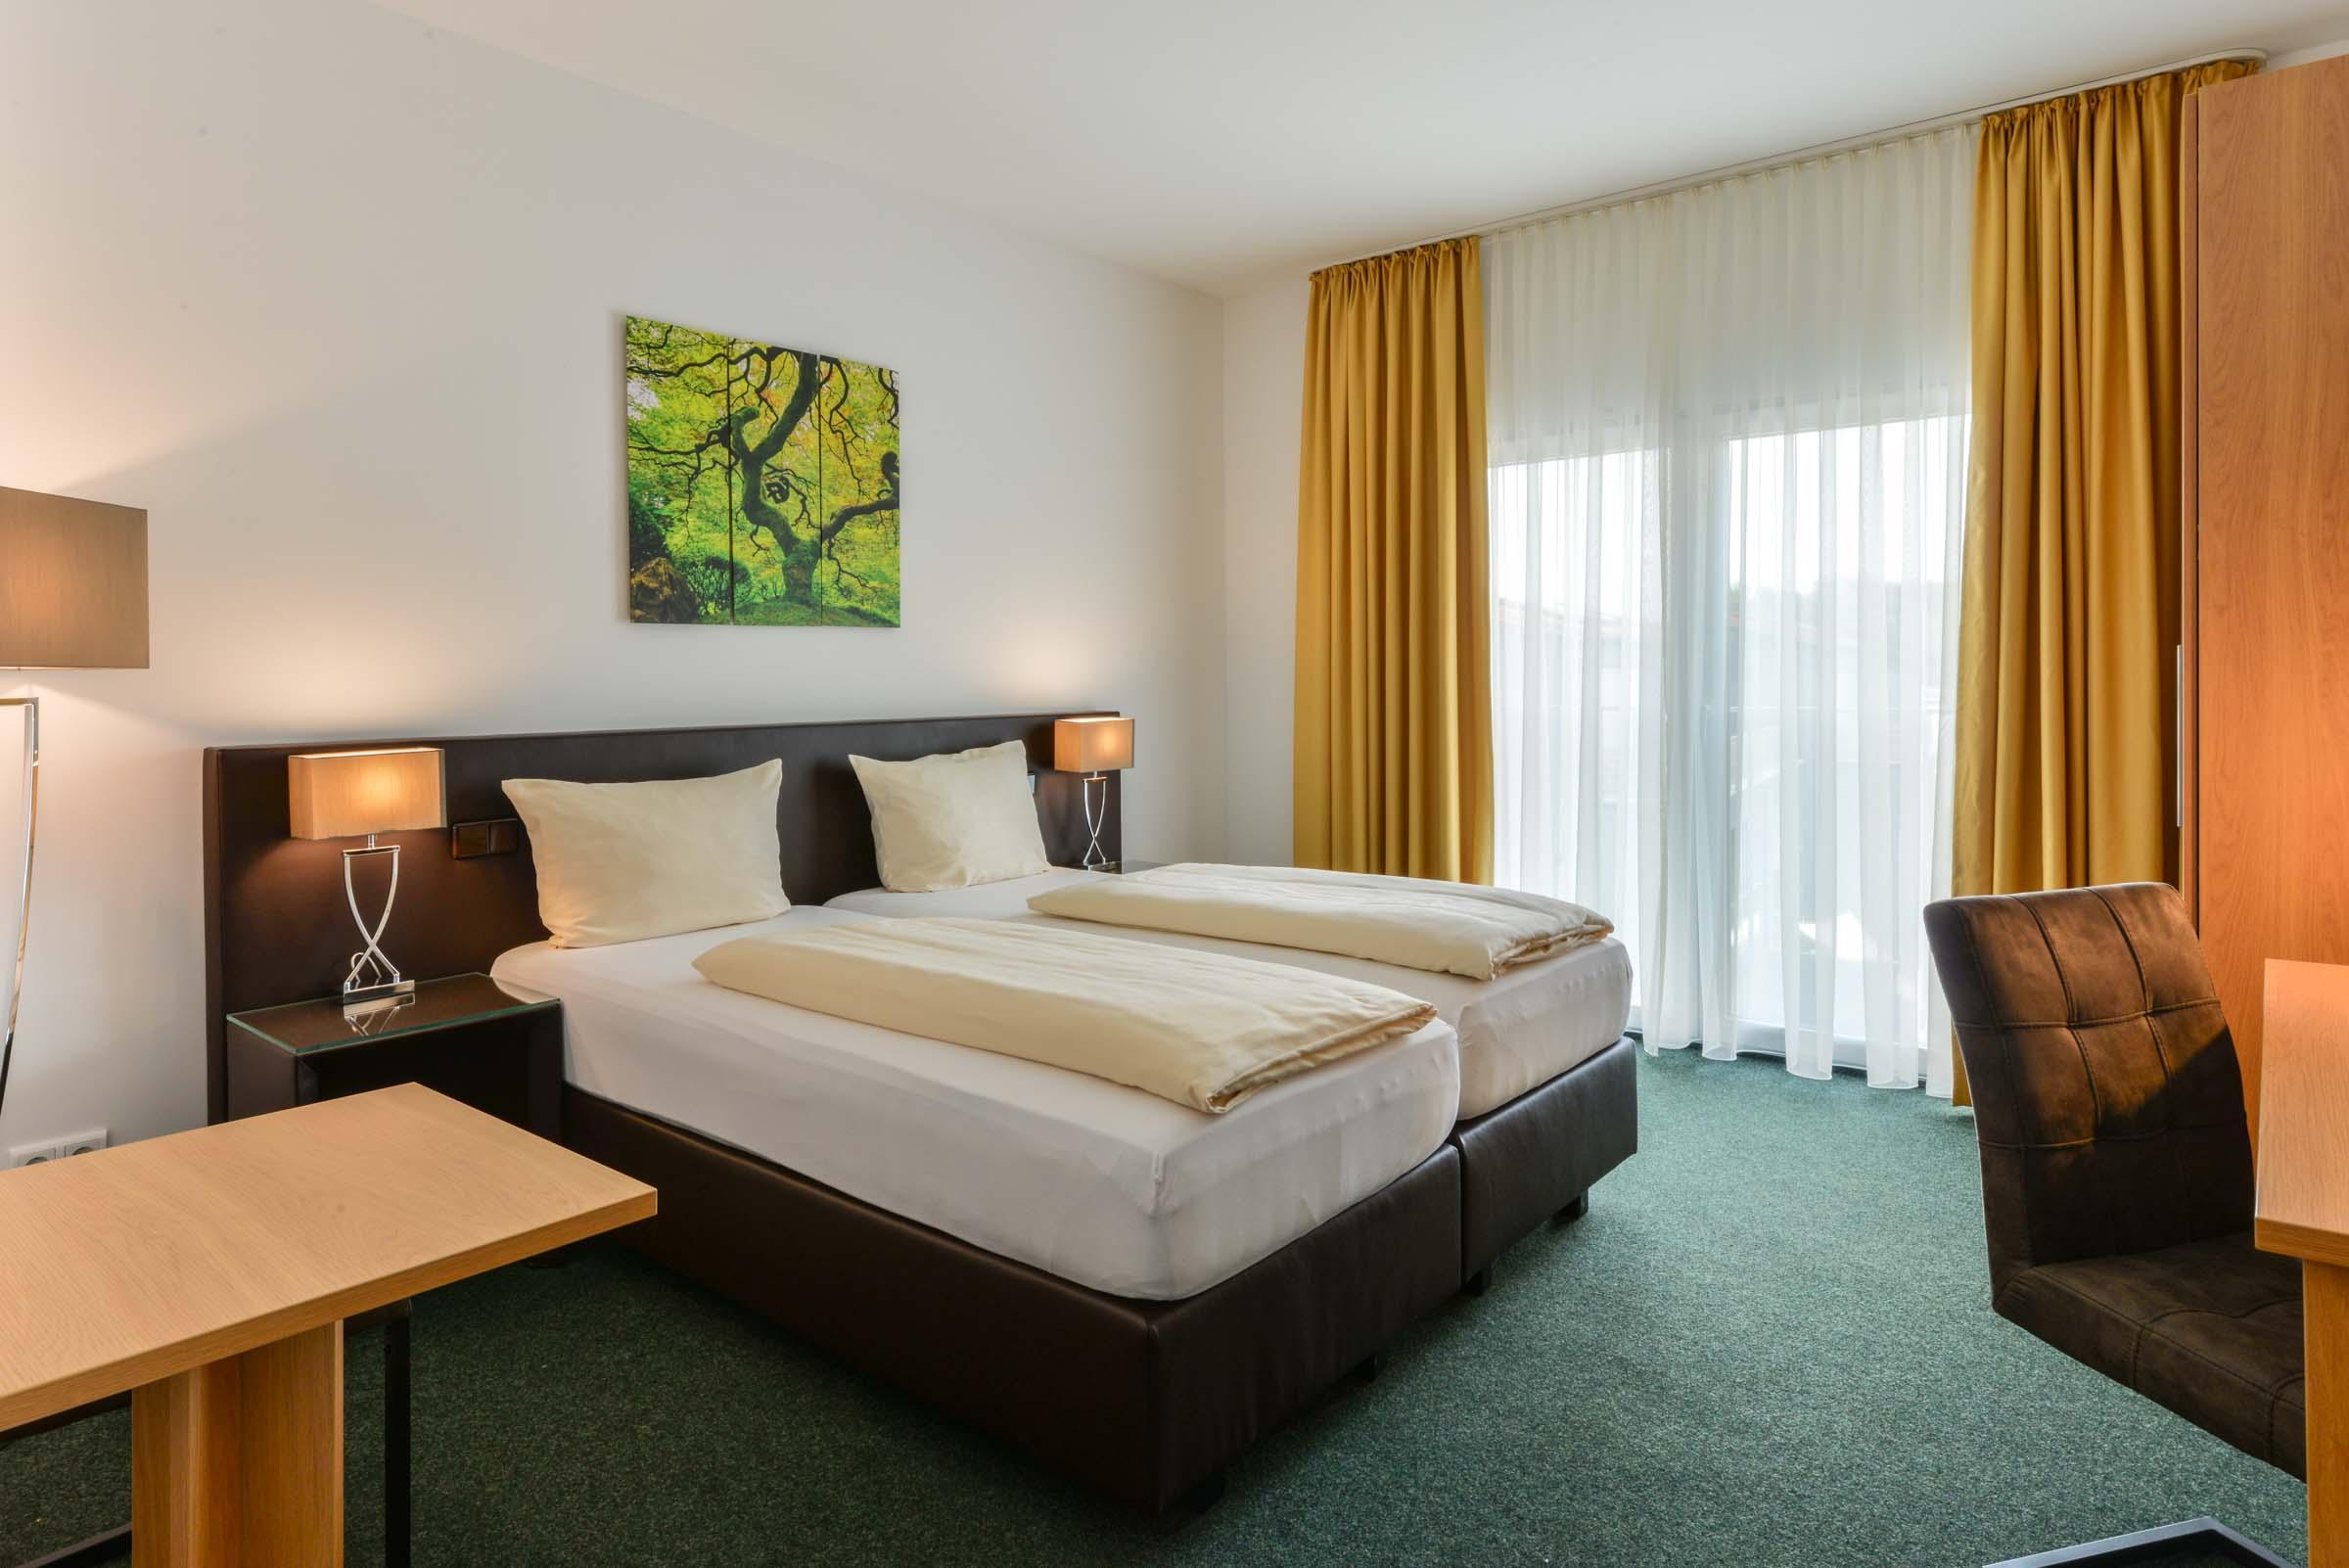 Schöne Hotelzimmer am Flughafen München